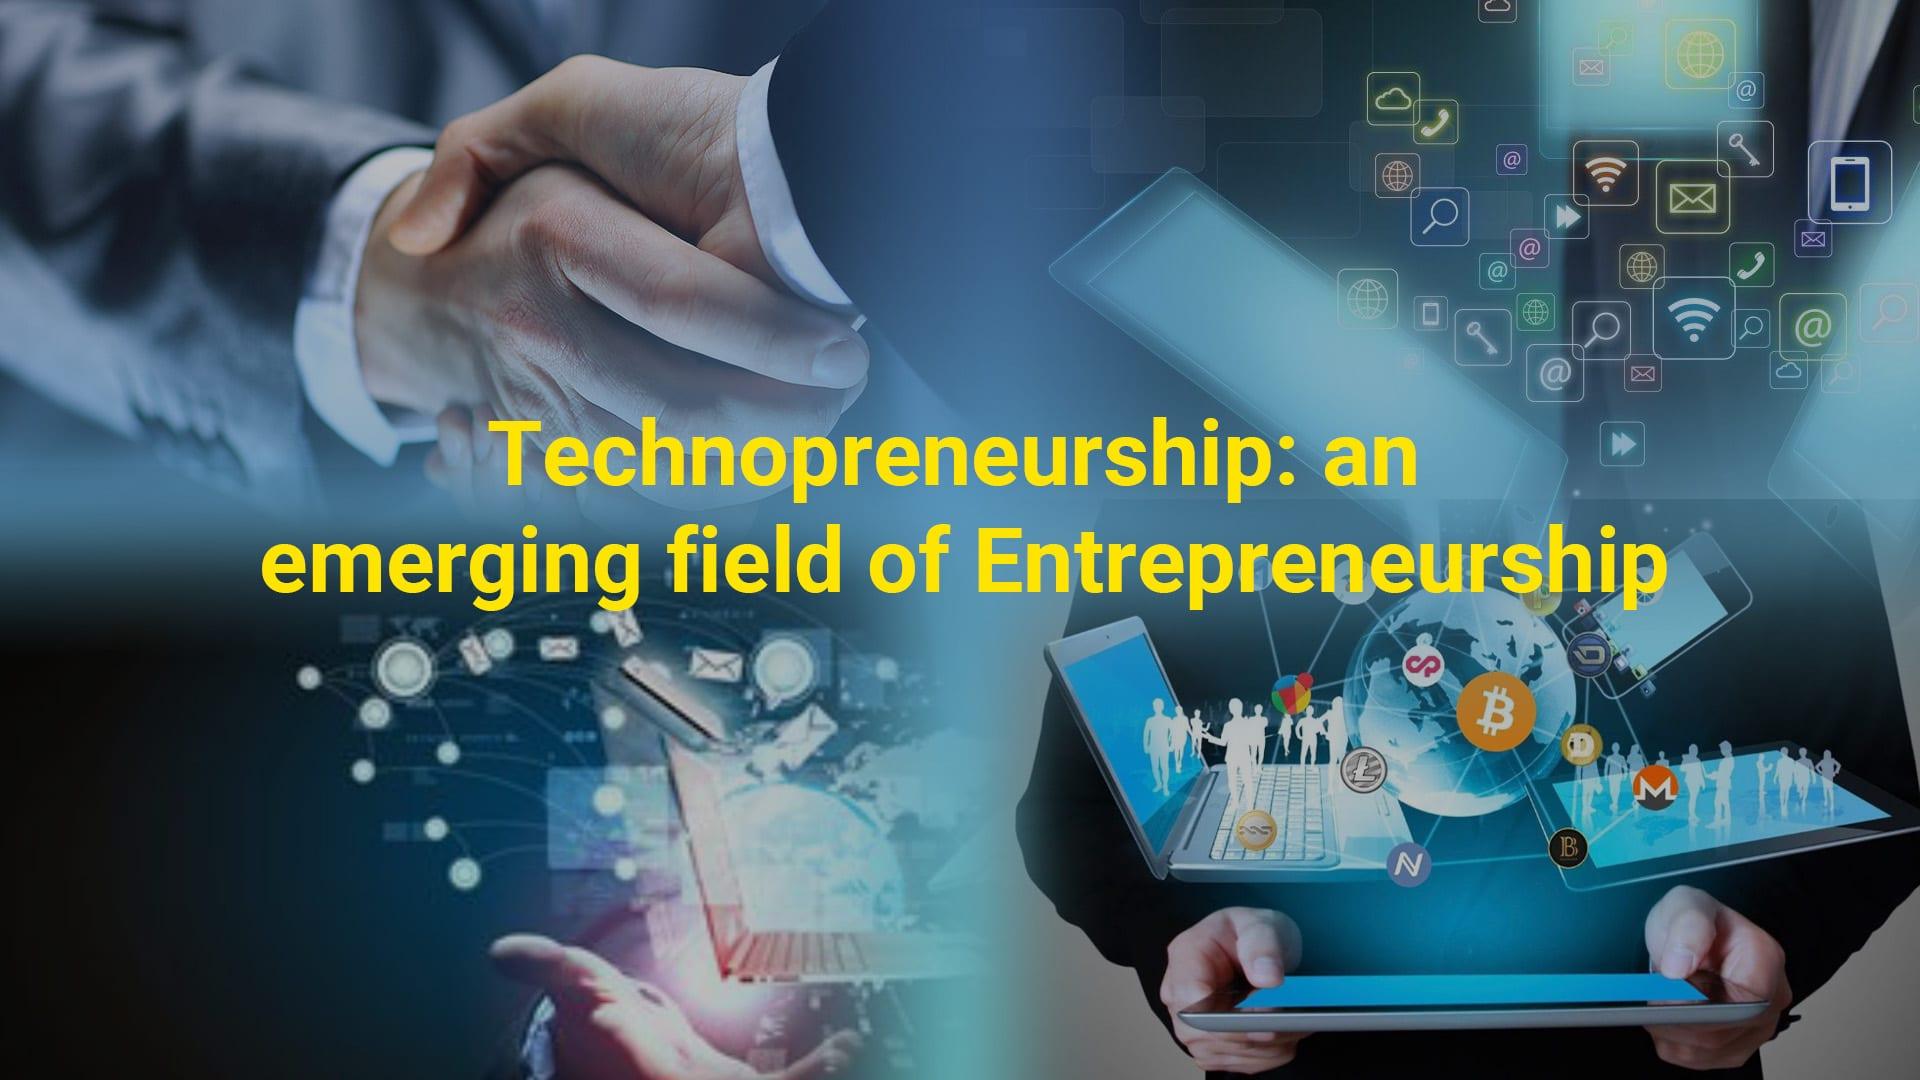 Technopreneurship: an emerging field of Entrepreneurship